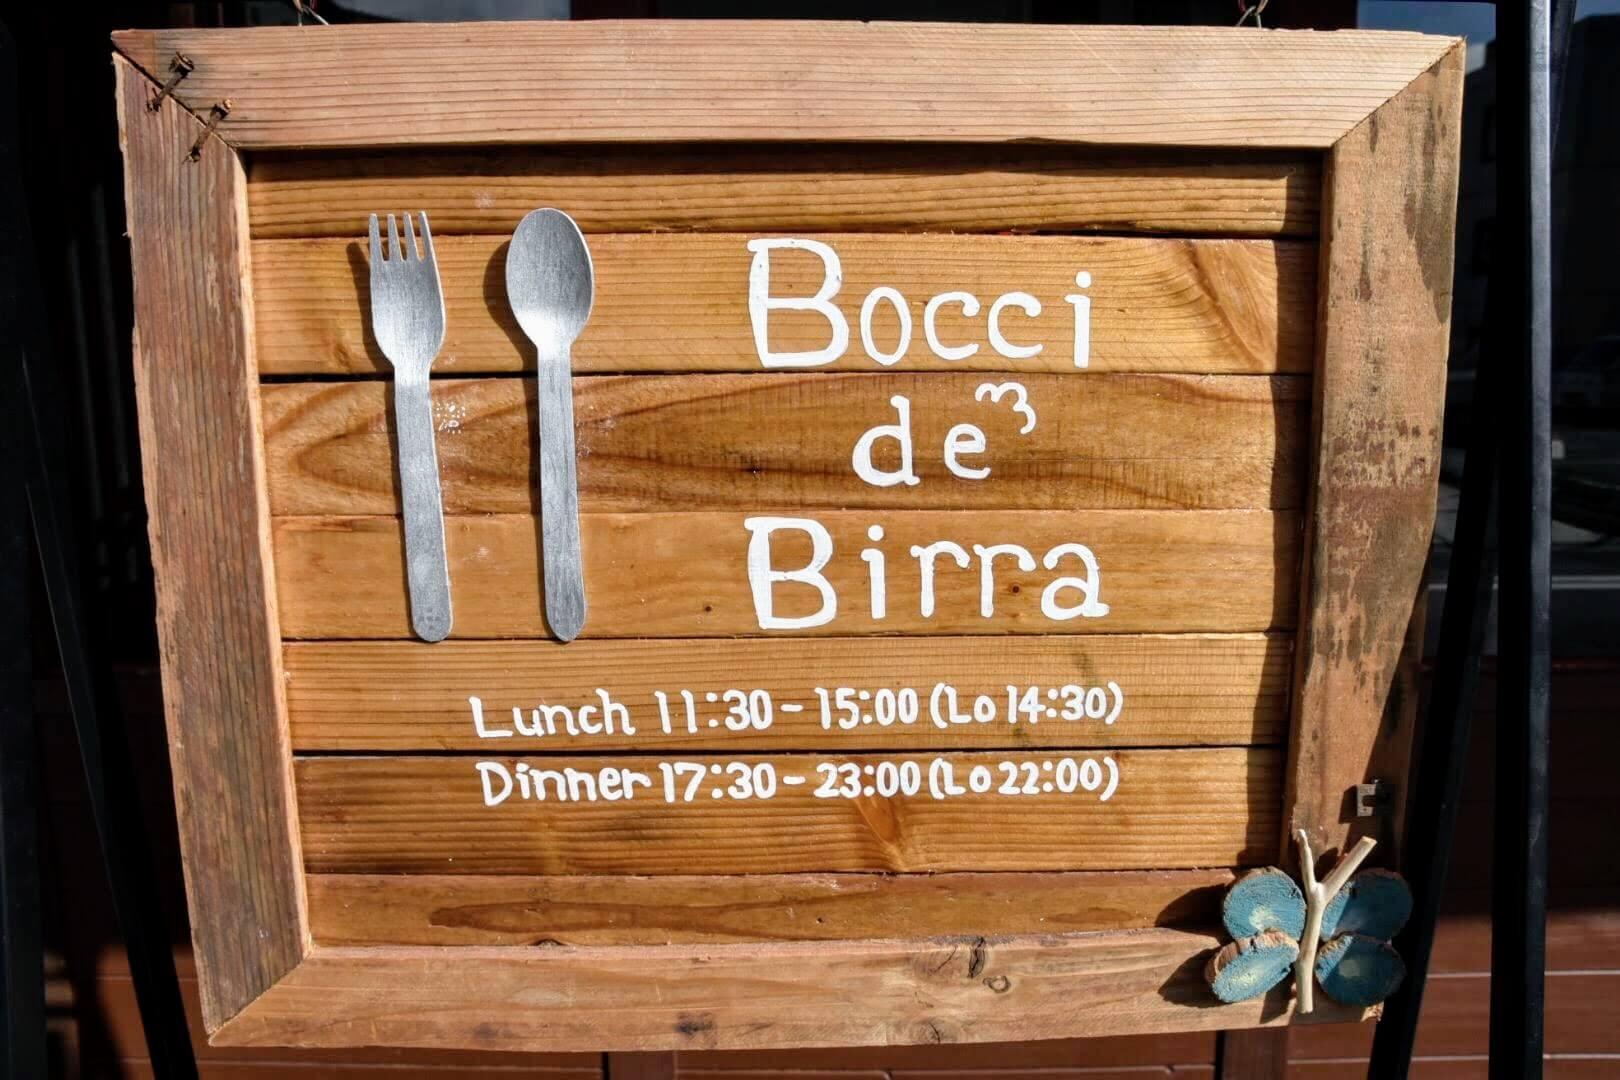 「Bocci de Birra(ボッチデビッラ)」の店舗情報